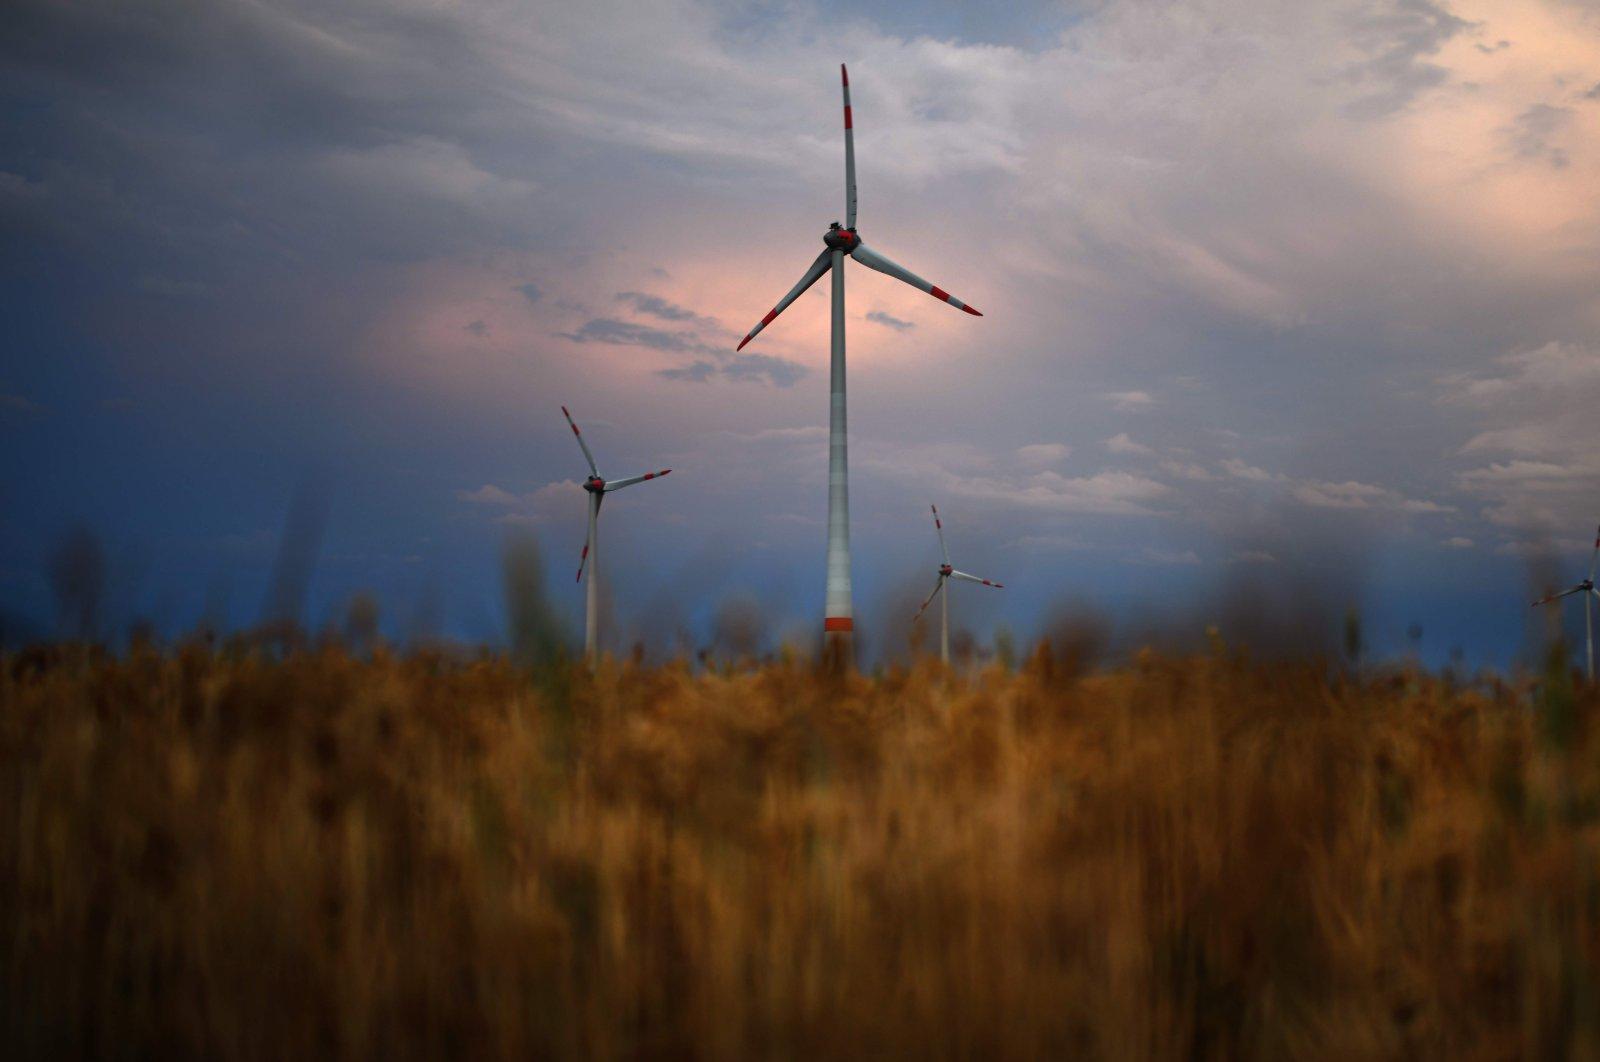 A wind turbine is seen in a cornfield in Schleiden, western Germany, on Aug. 12, 2020. (AFP Photo)